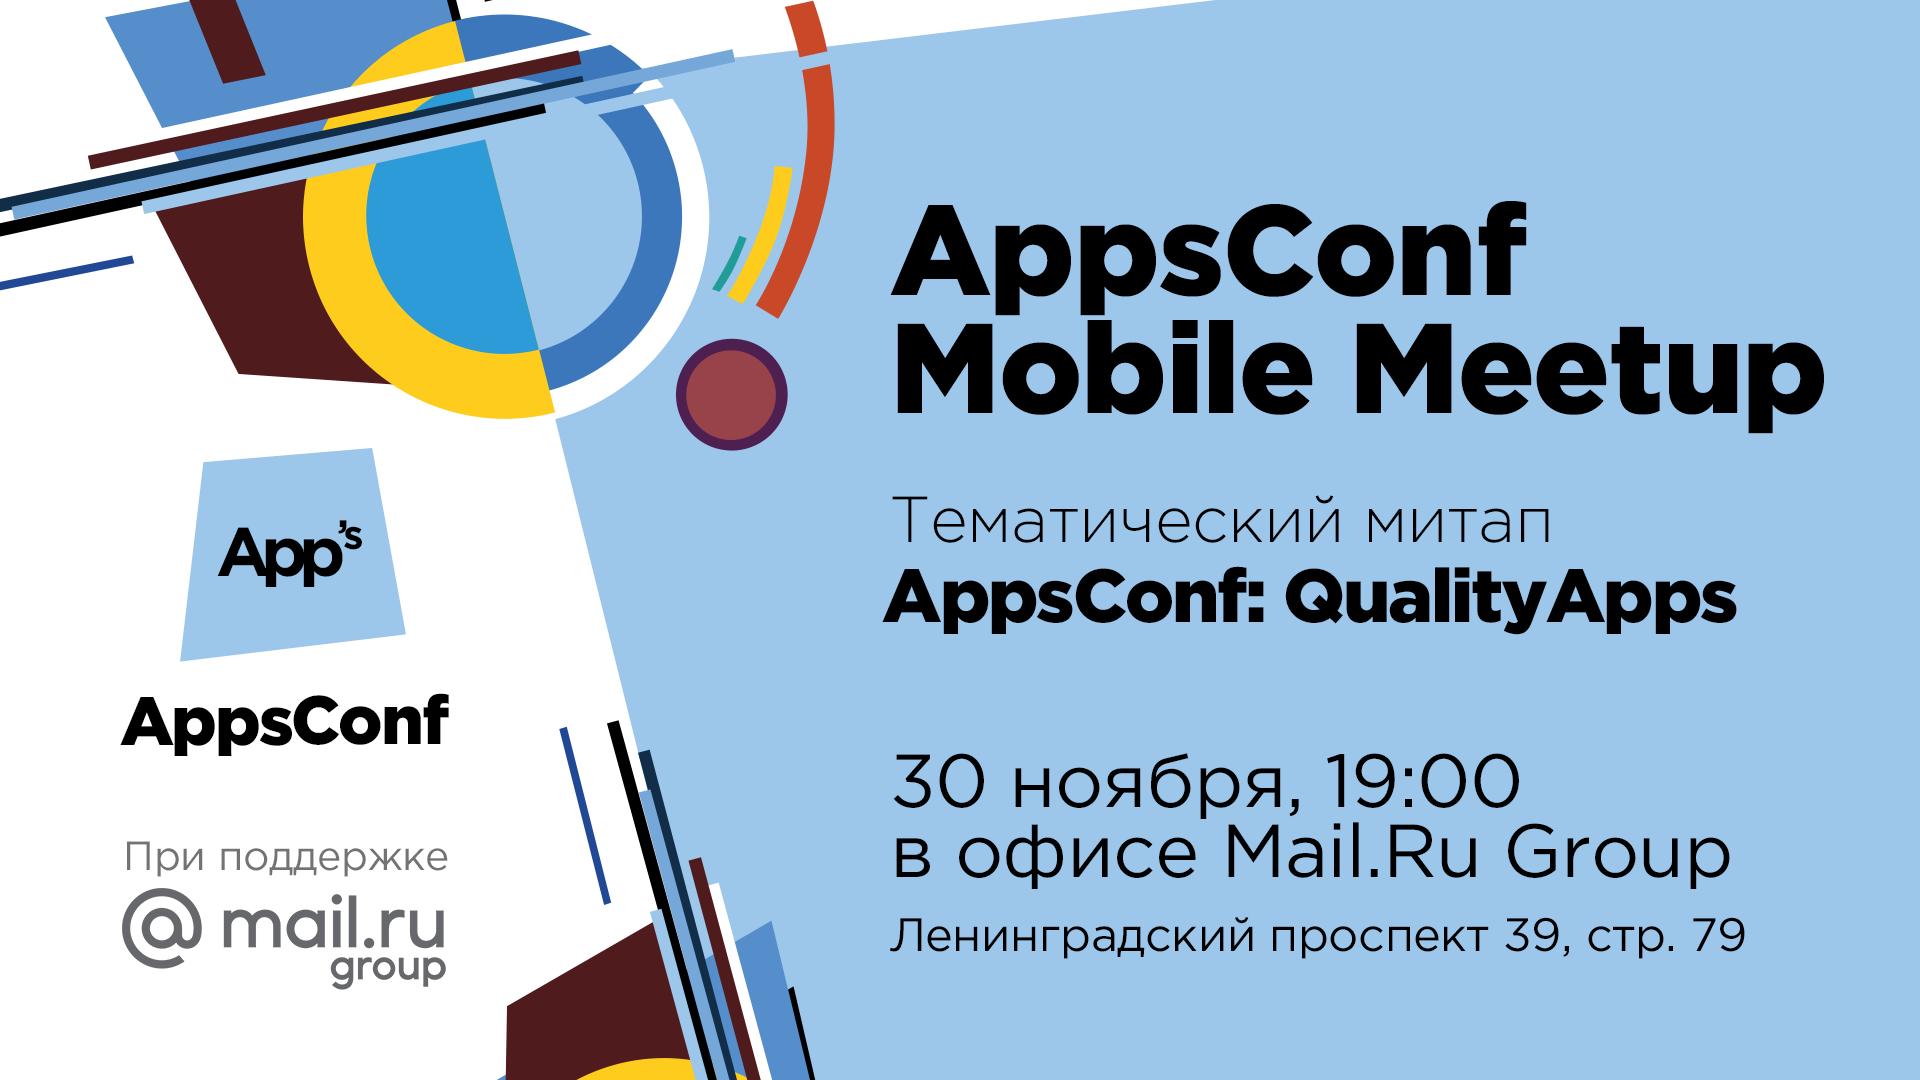 Приглашаем на тематический митап AppsConf: QualityApps